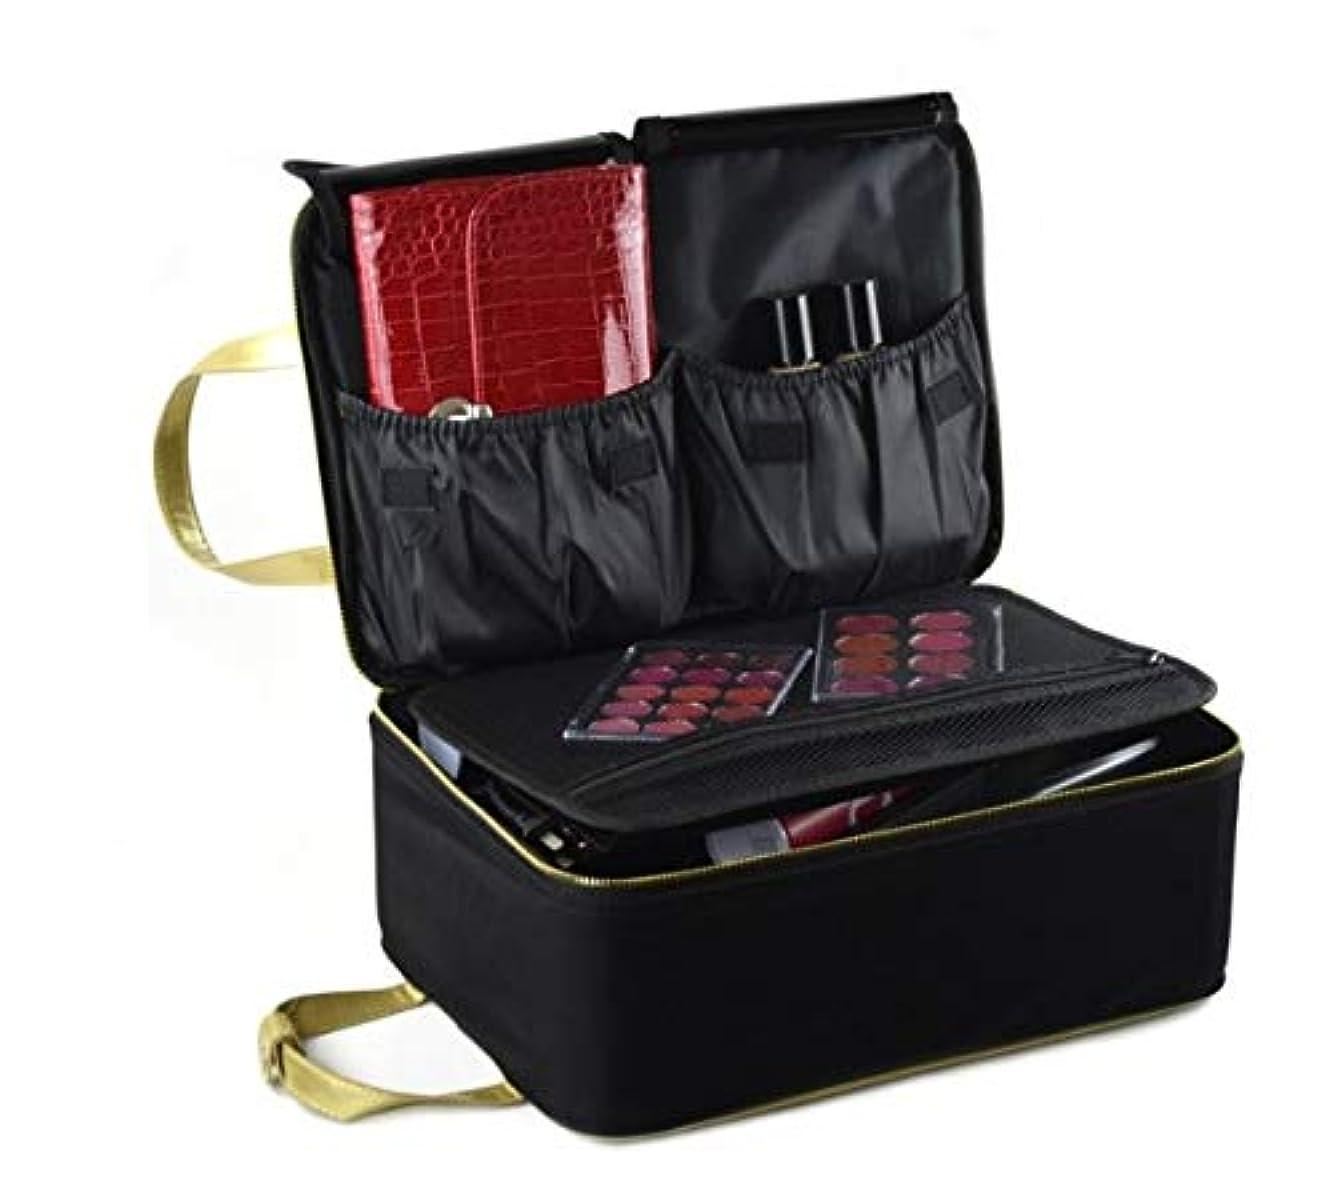 読みやすさ乗算騒々しい化粧箱、黒い携帯用化粧品の箱、携帯用旅行化粧品の箱、美の釘の宝石類の収納箱 (Size : S)